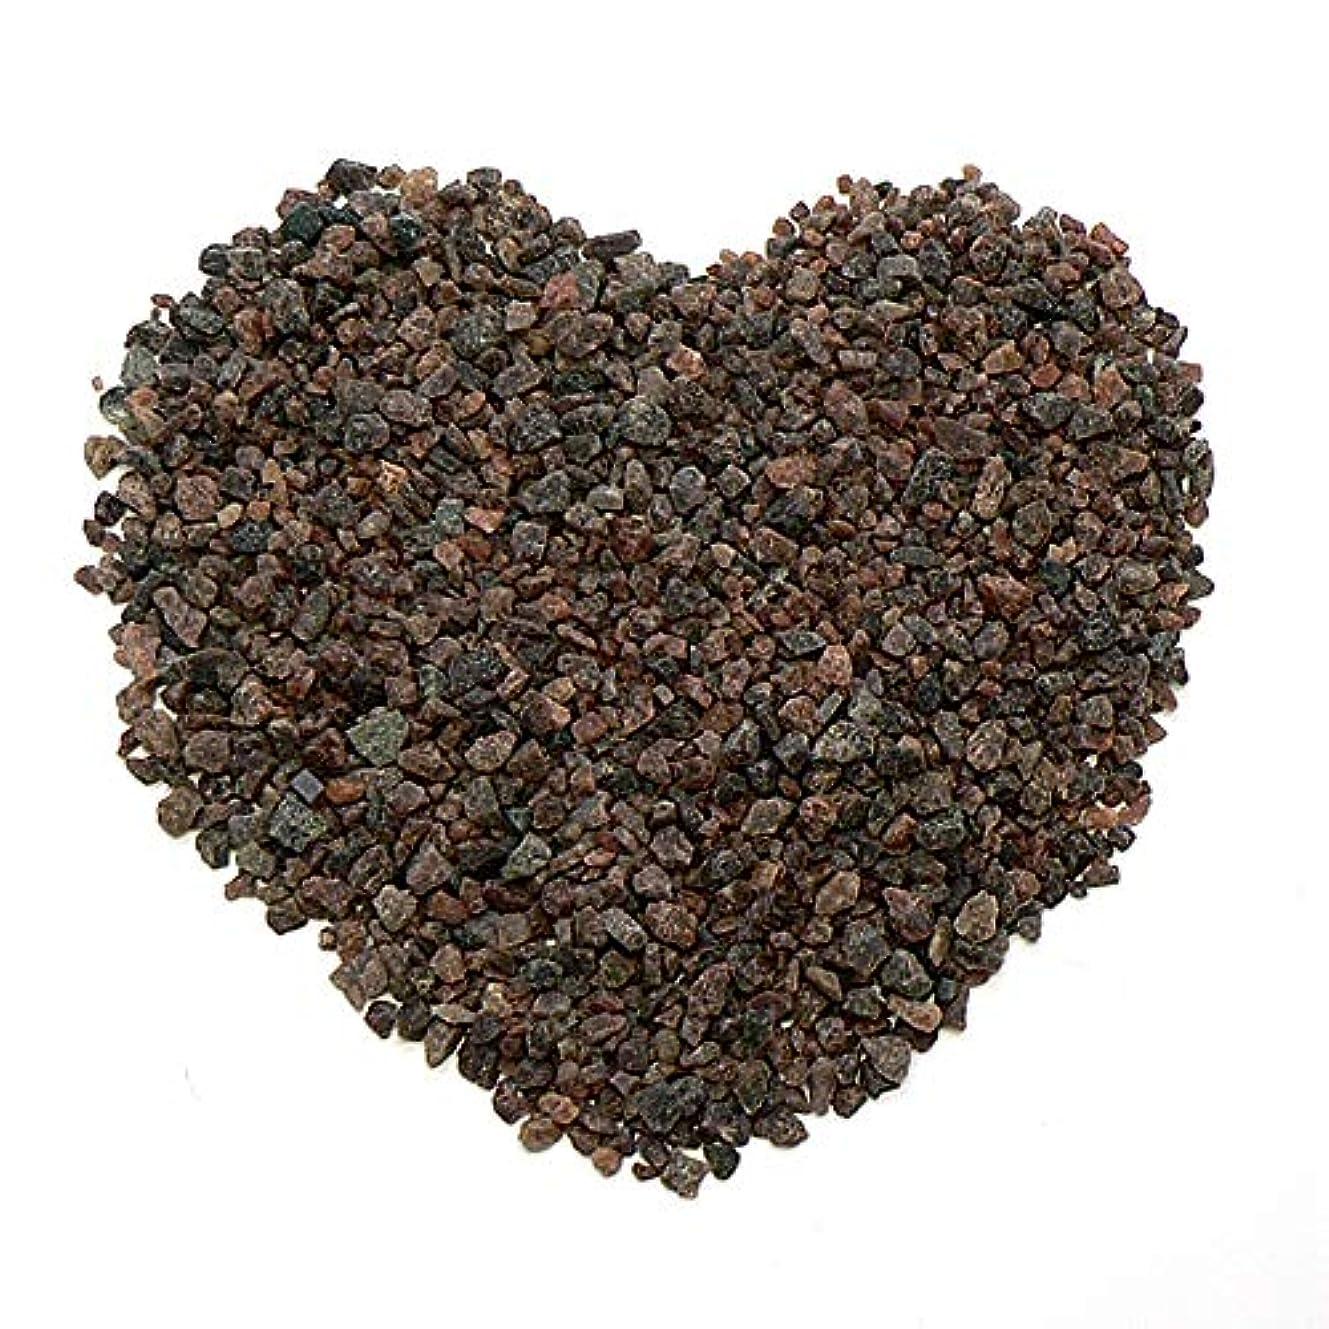 グローバル素晴らしい良い多くのキッチンヒマラヤ岩塩 ブラックソルト 入浴用 バスソルト(小粒)2kg 黒岩塩 ブラック岩塩